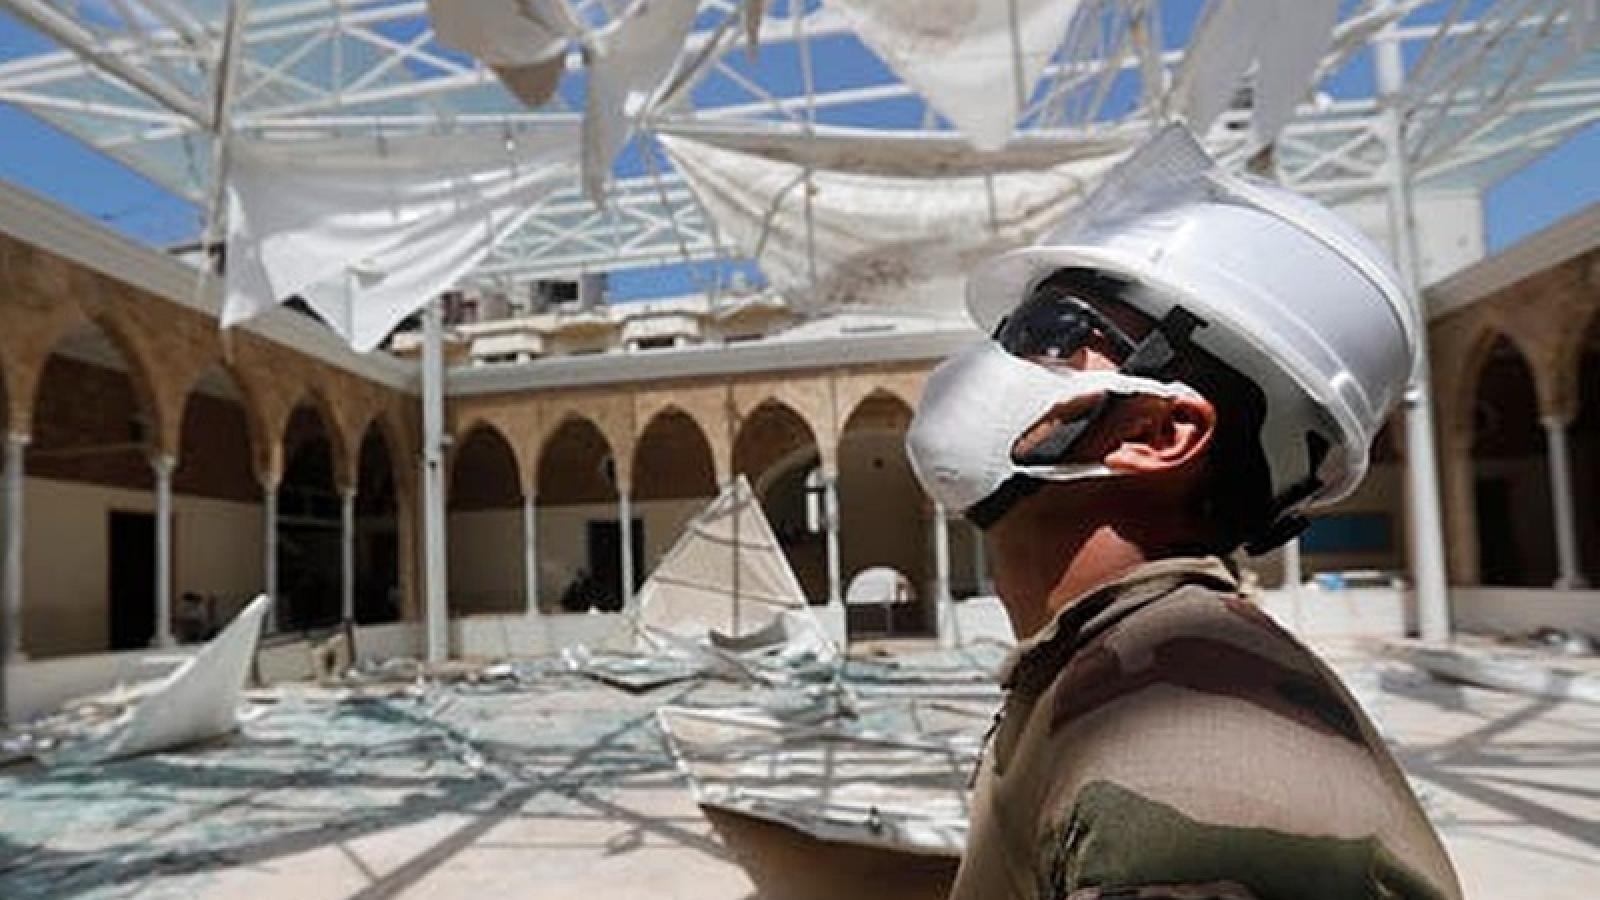 25% trẻ em ở Beirut (Lebanon) không thể đến trường sau loạt vụ nổ Beirut